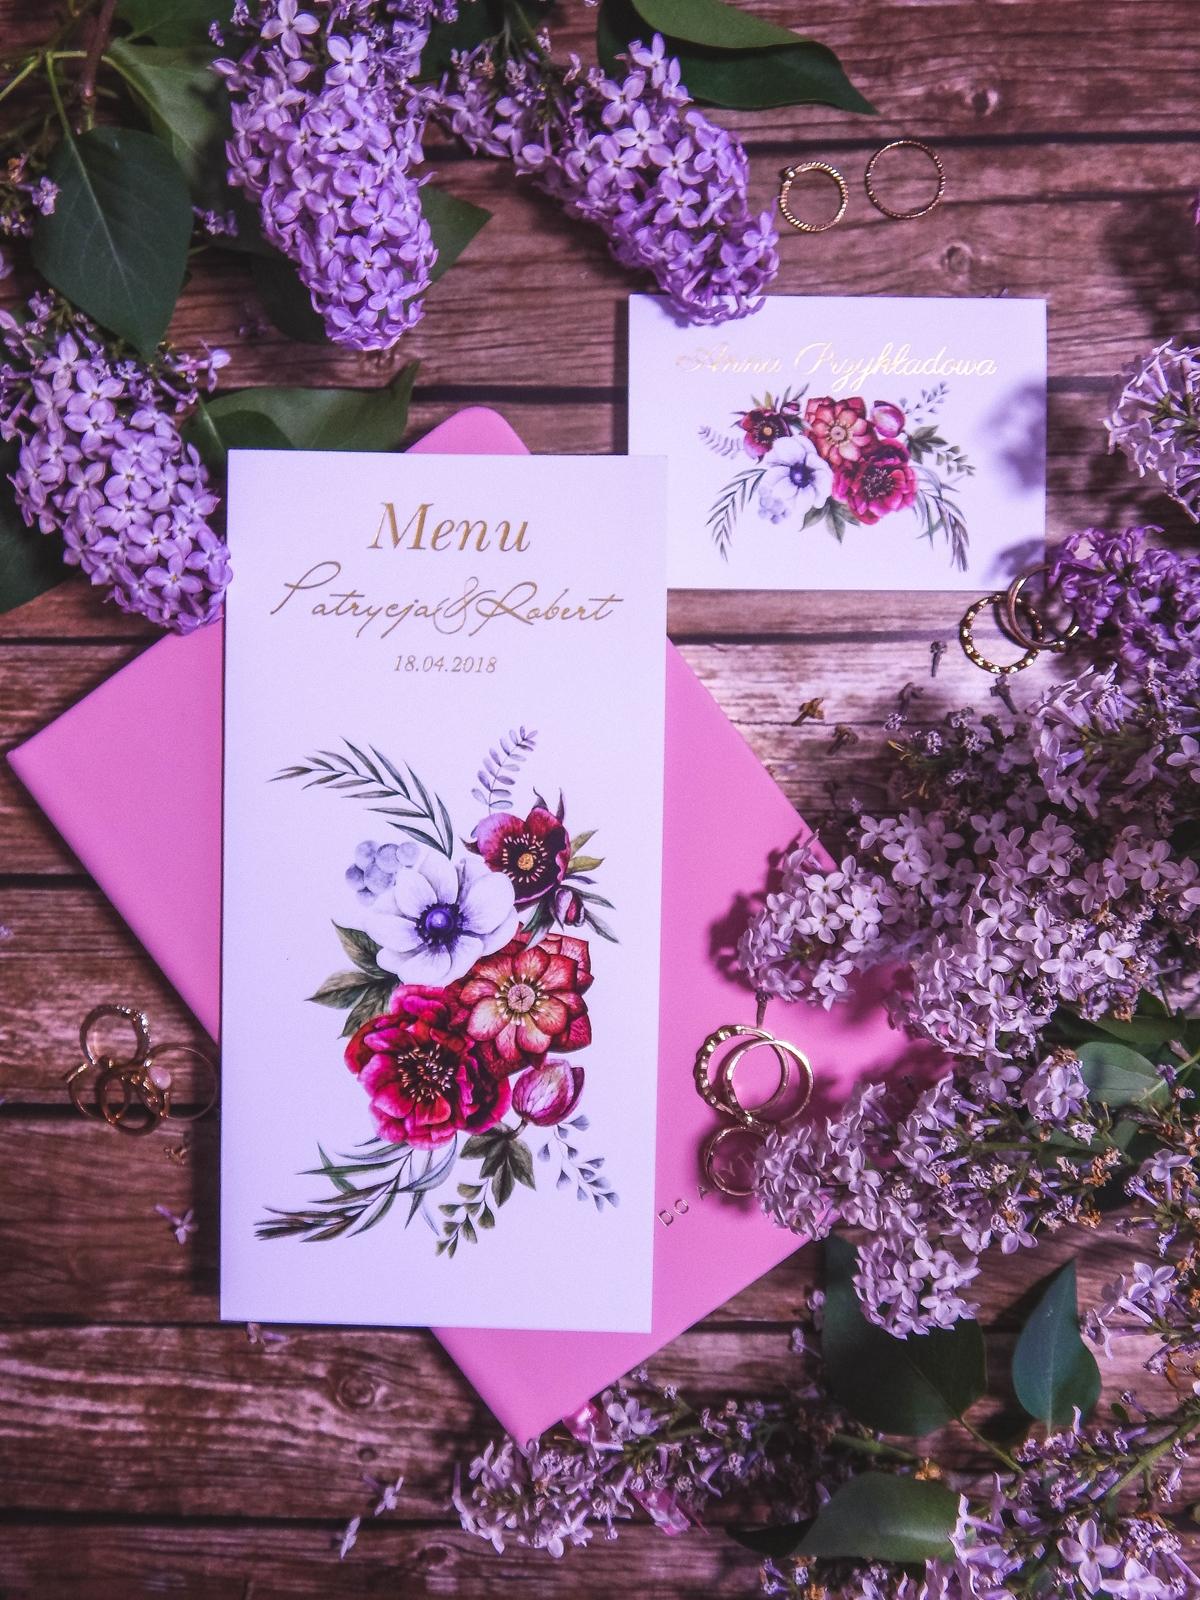 8 jak usadzić goście na weselu zasady rozsadzania gości jak dobrać winietki menu numery na stoły weselne